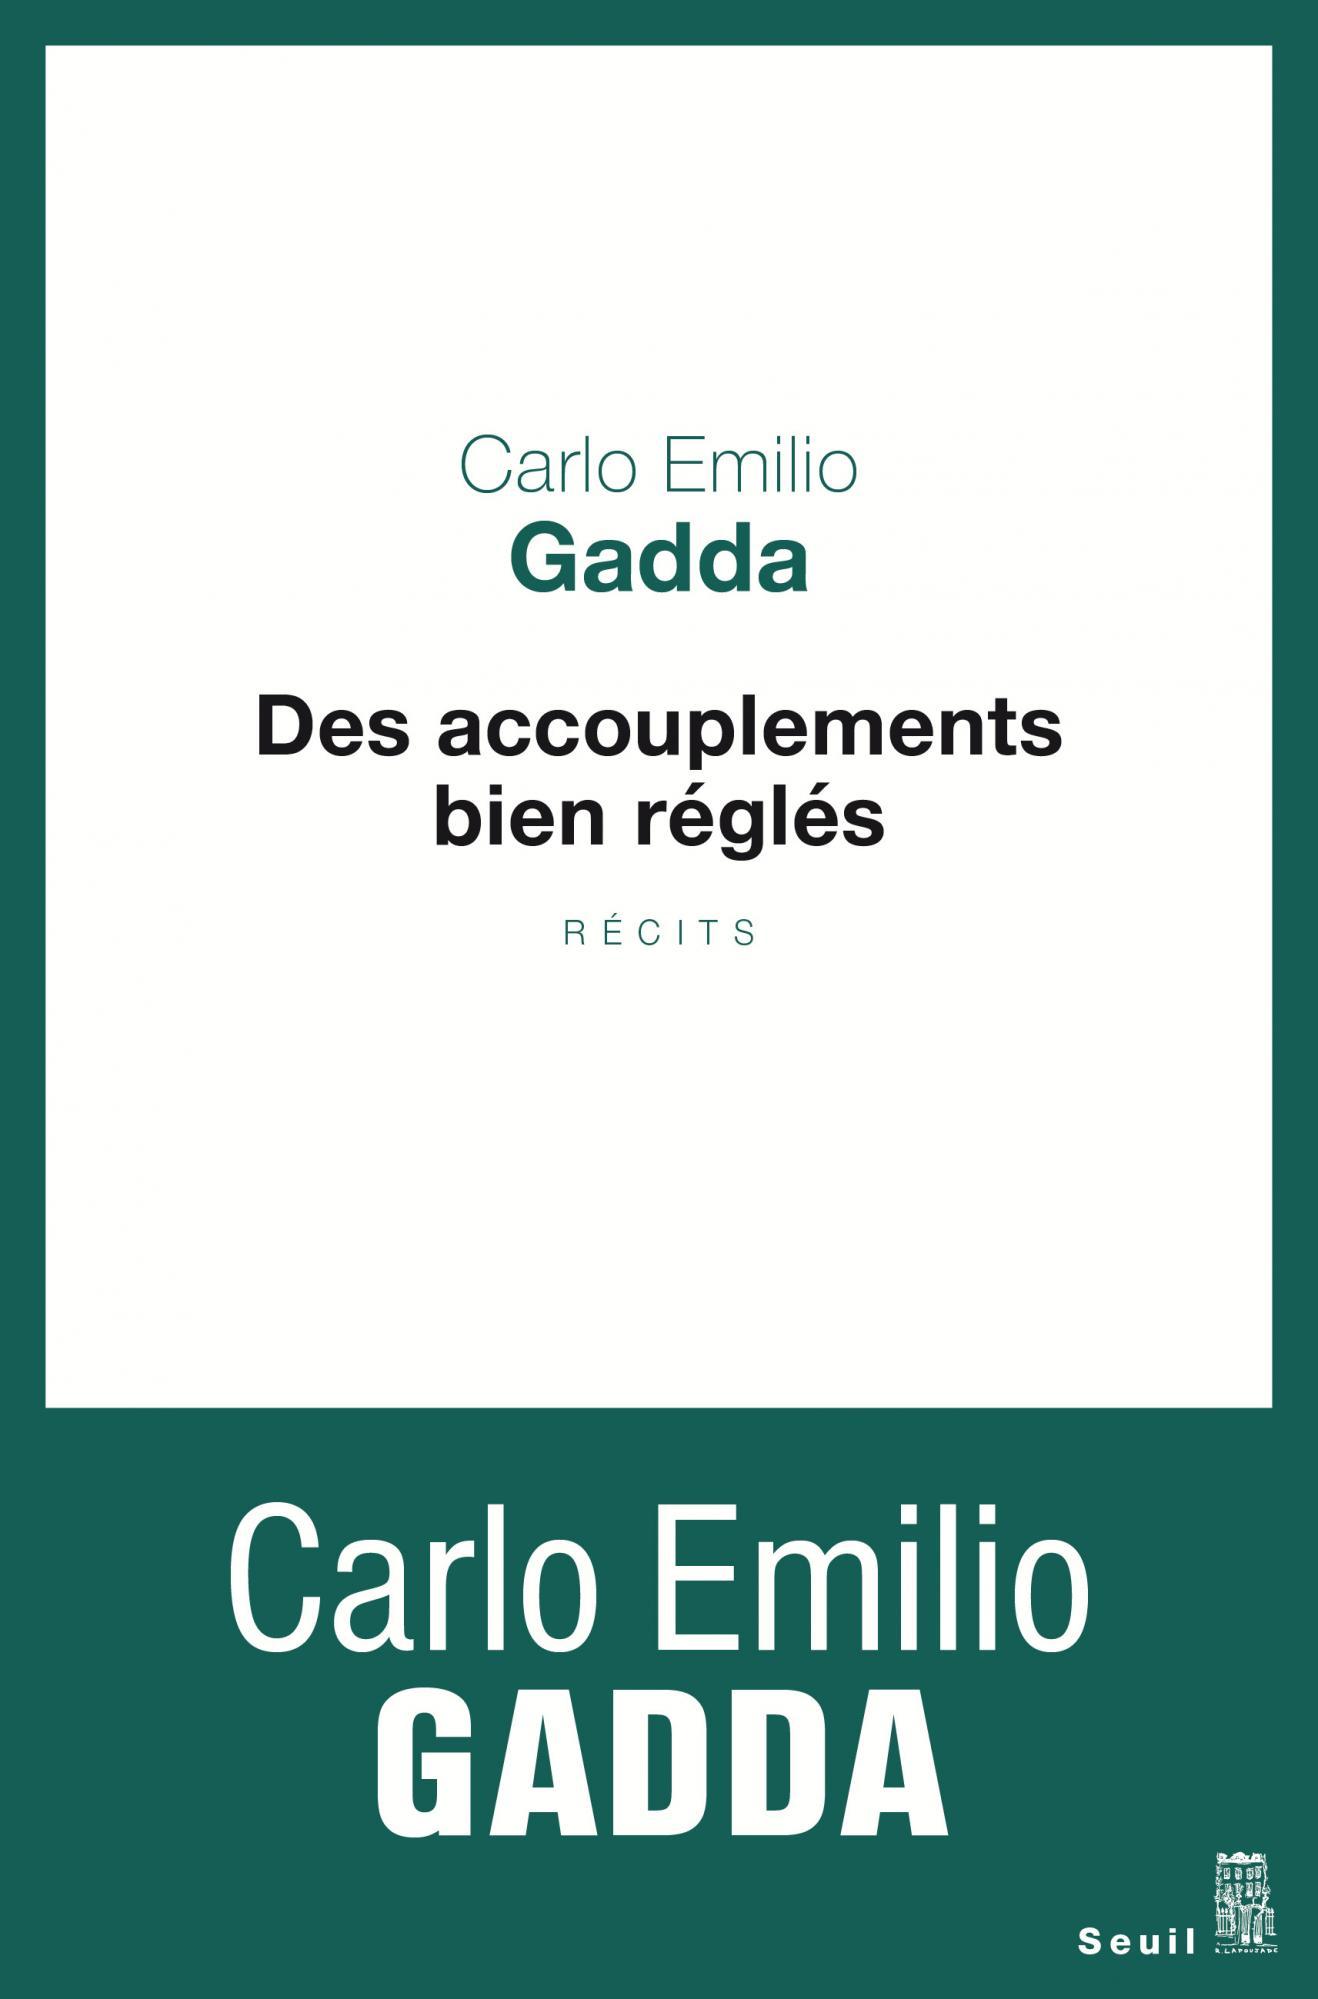 Des accouplements bien réglés - Carlo Emilio Gadda